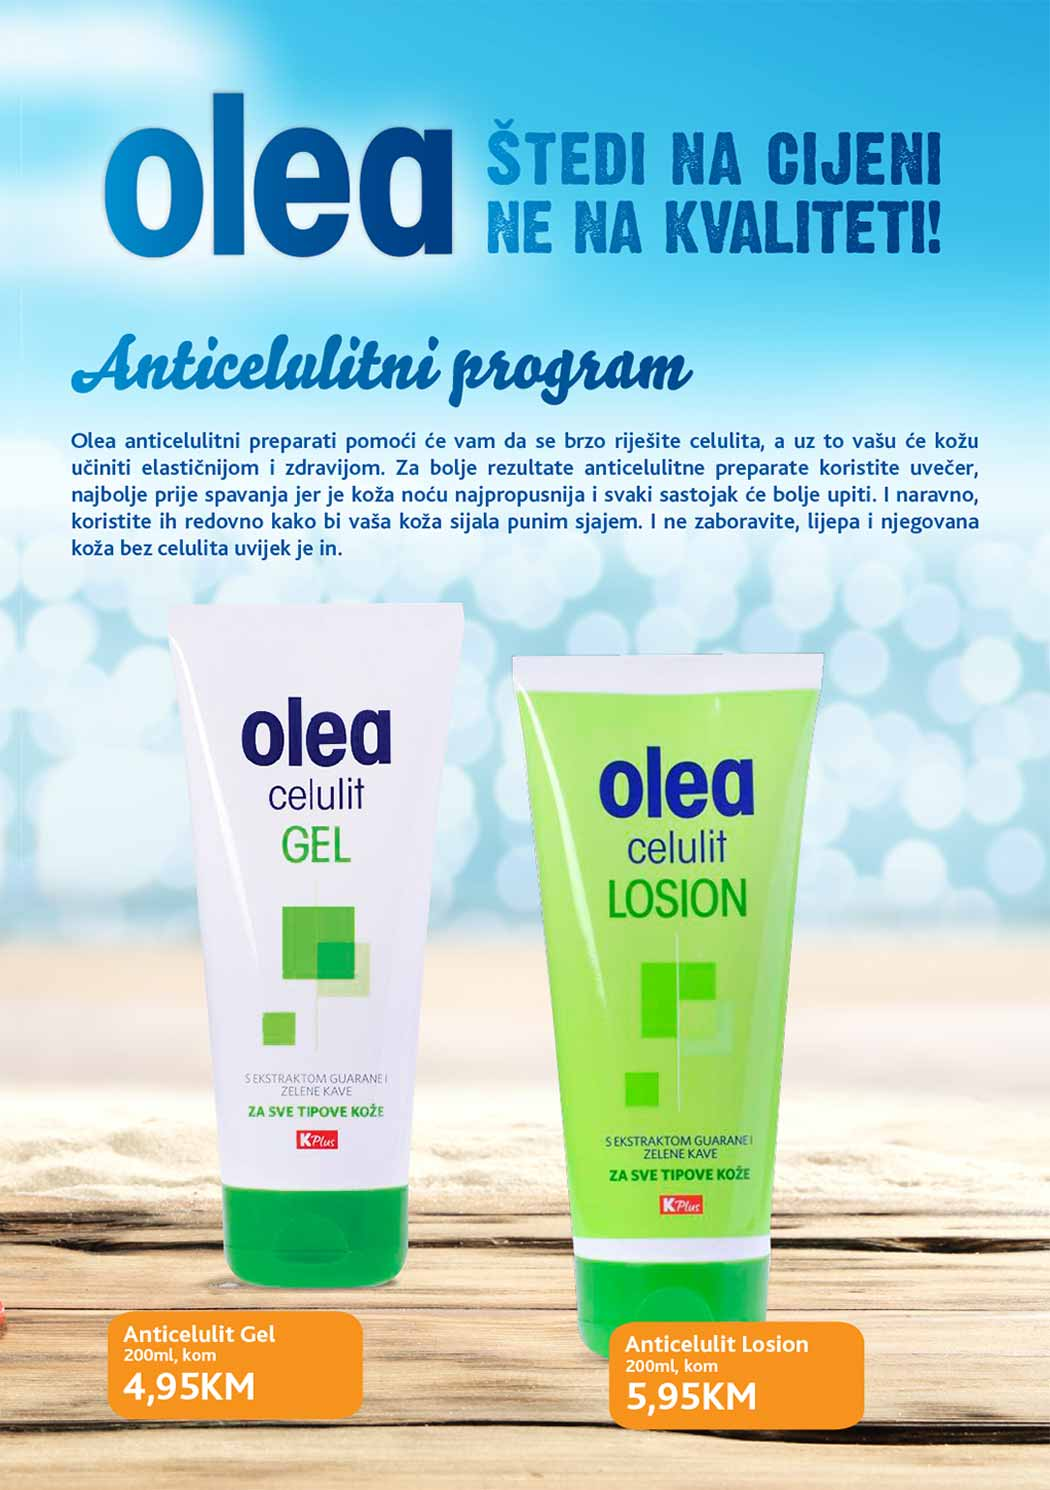 Konzum Olea katalog - 30.09.2017.